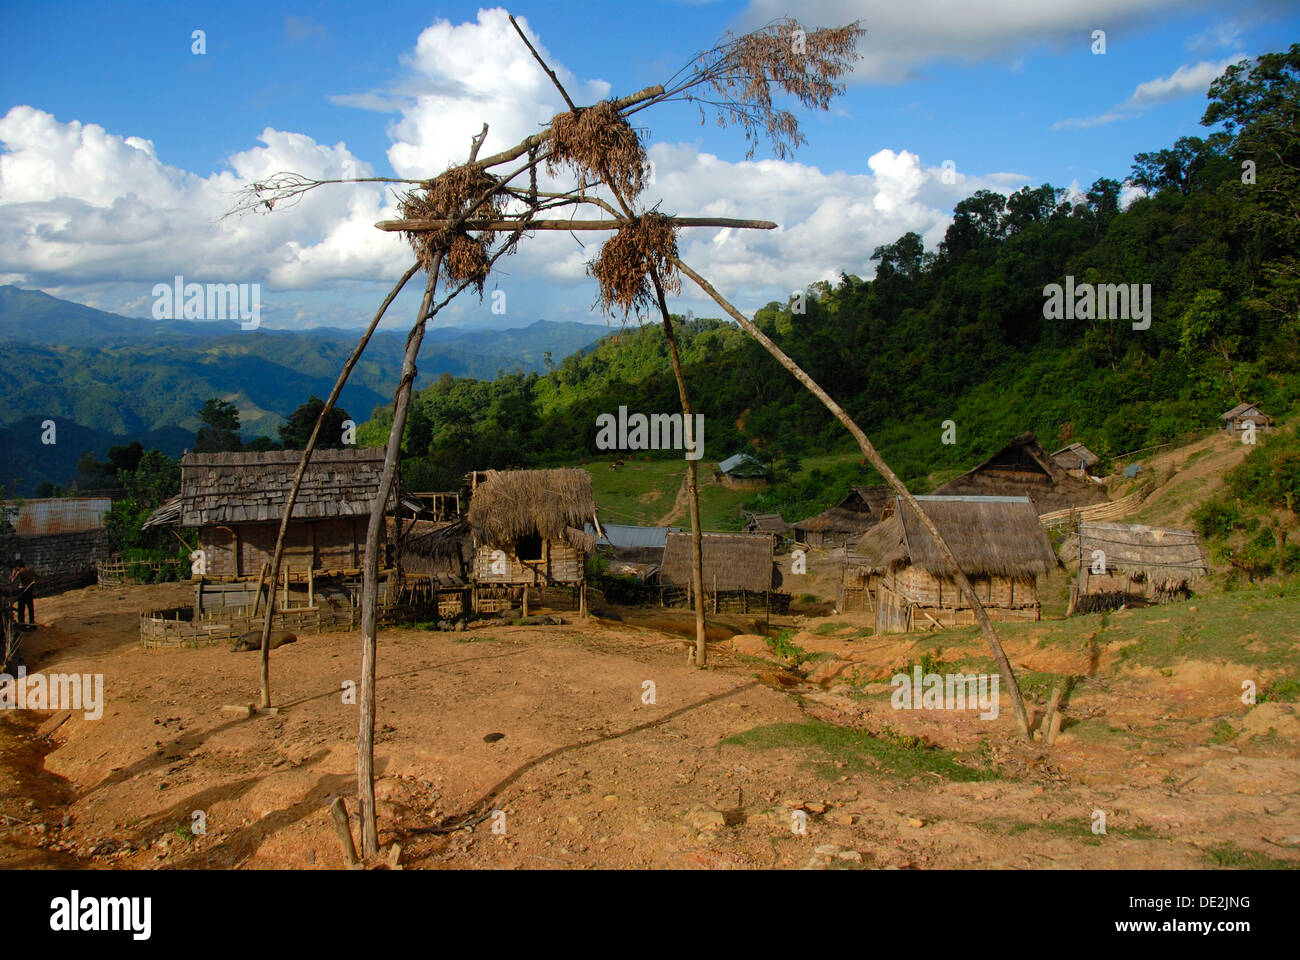 La pobreza, la religión natural, el animismo, la creencia en espíritus, creer en fantasmas, espíritus swing en la entrada del pueblo, aldea del Imagen De Stock